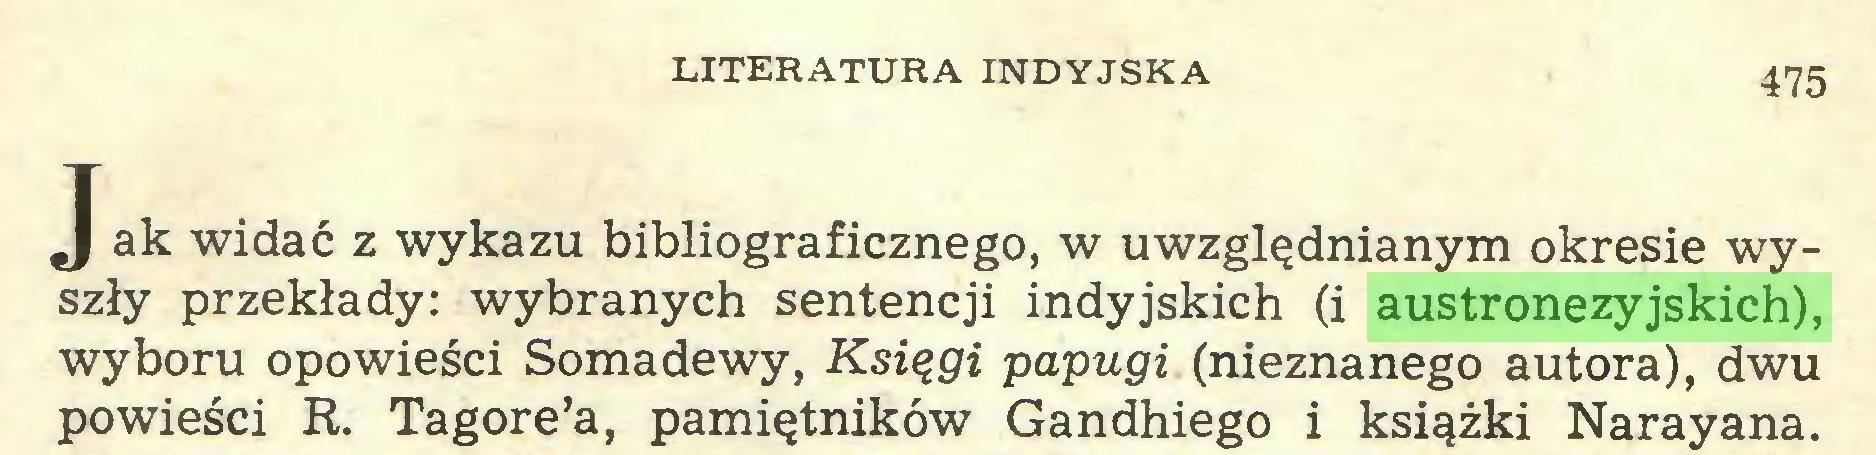 (...) LITERATURA INDYJSKA 475 J ak widać z wykazu bibliograficznego, w uwzględnianym okresie wyszły przekłady: wybranych sentencji indyjskich (i austronezyjskich), wyboru opowieści Somadewy, Księgi papugi (nieznanego autora), dwu powieści R. Tagore'a, pamiętników Gandhiego i książki Narayana...